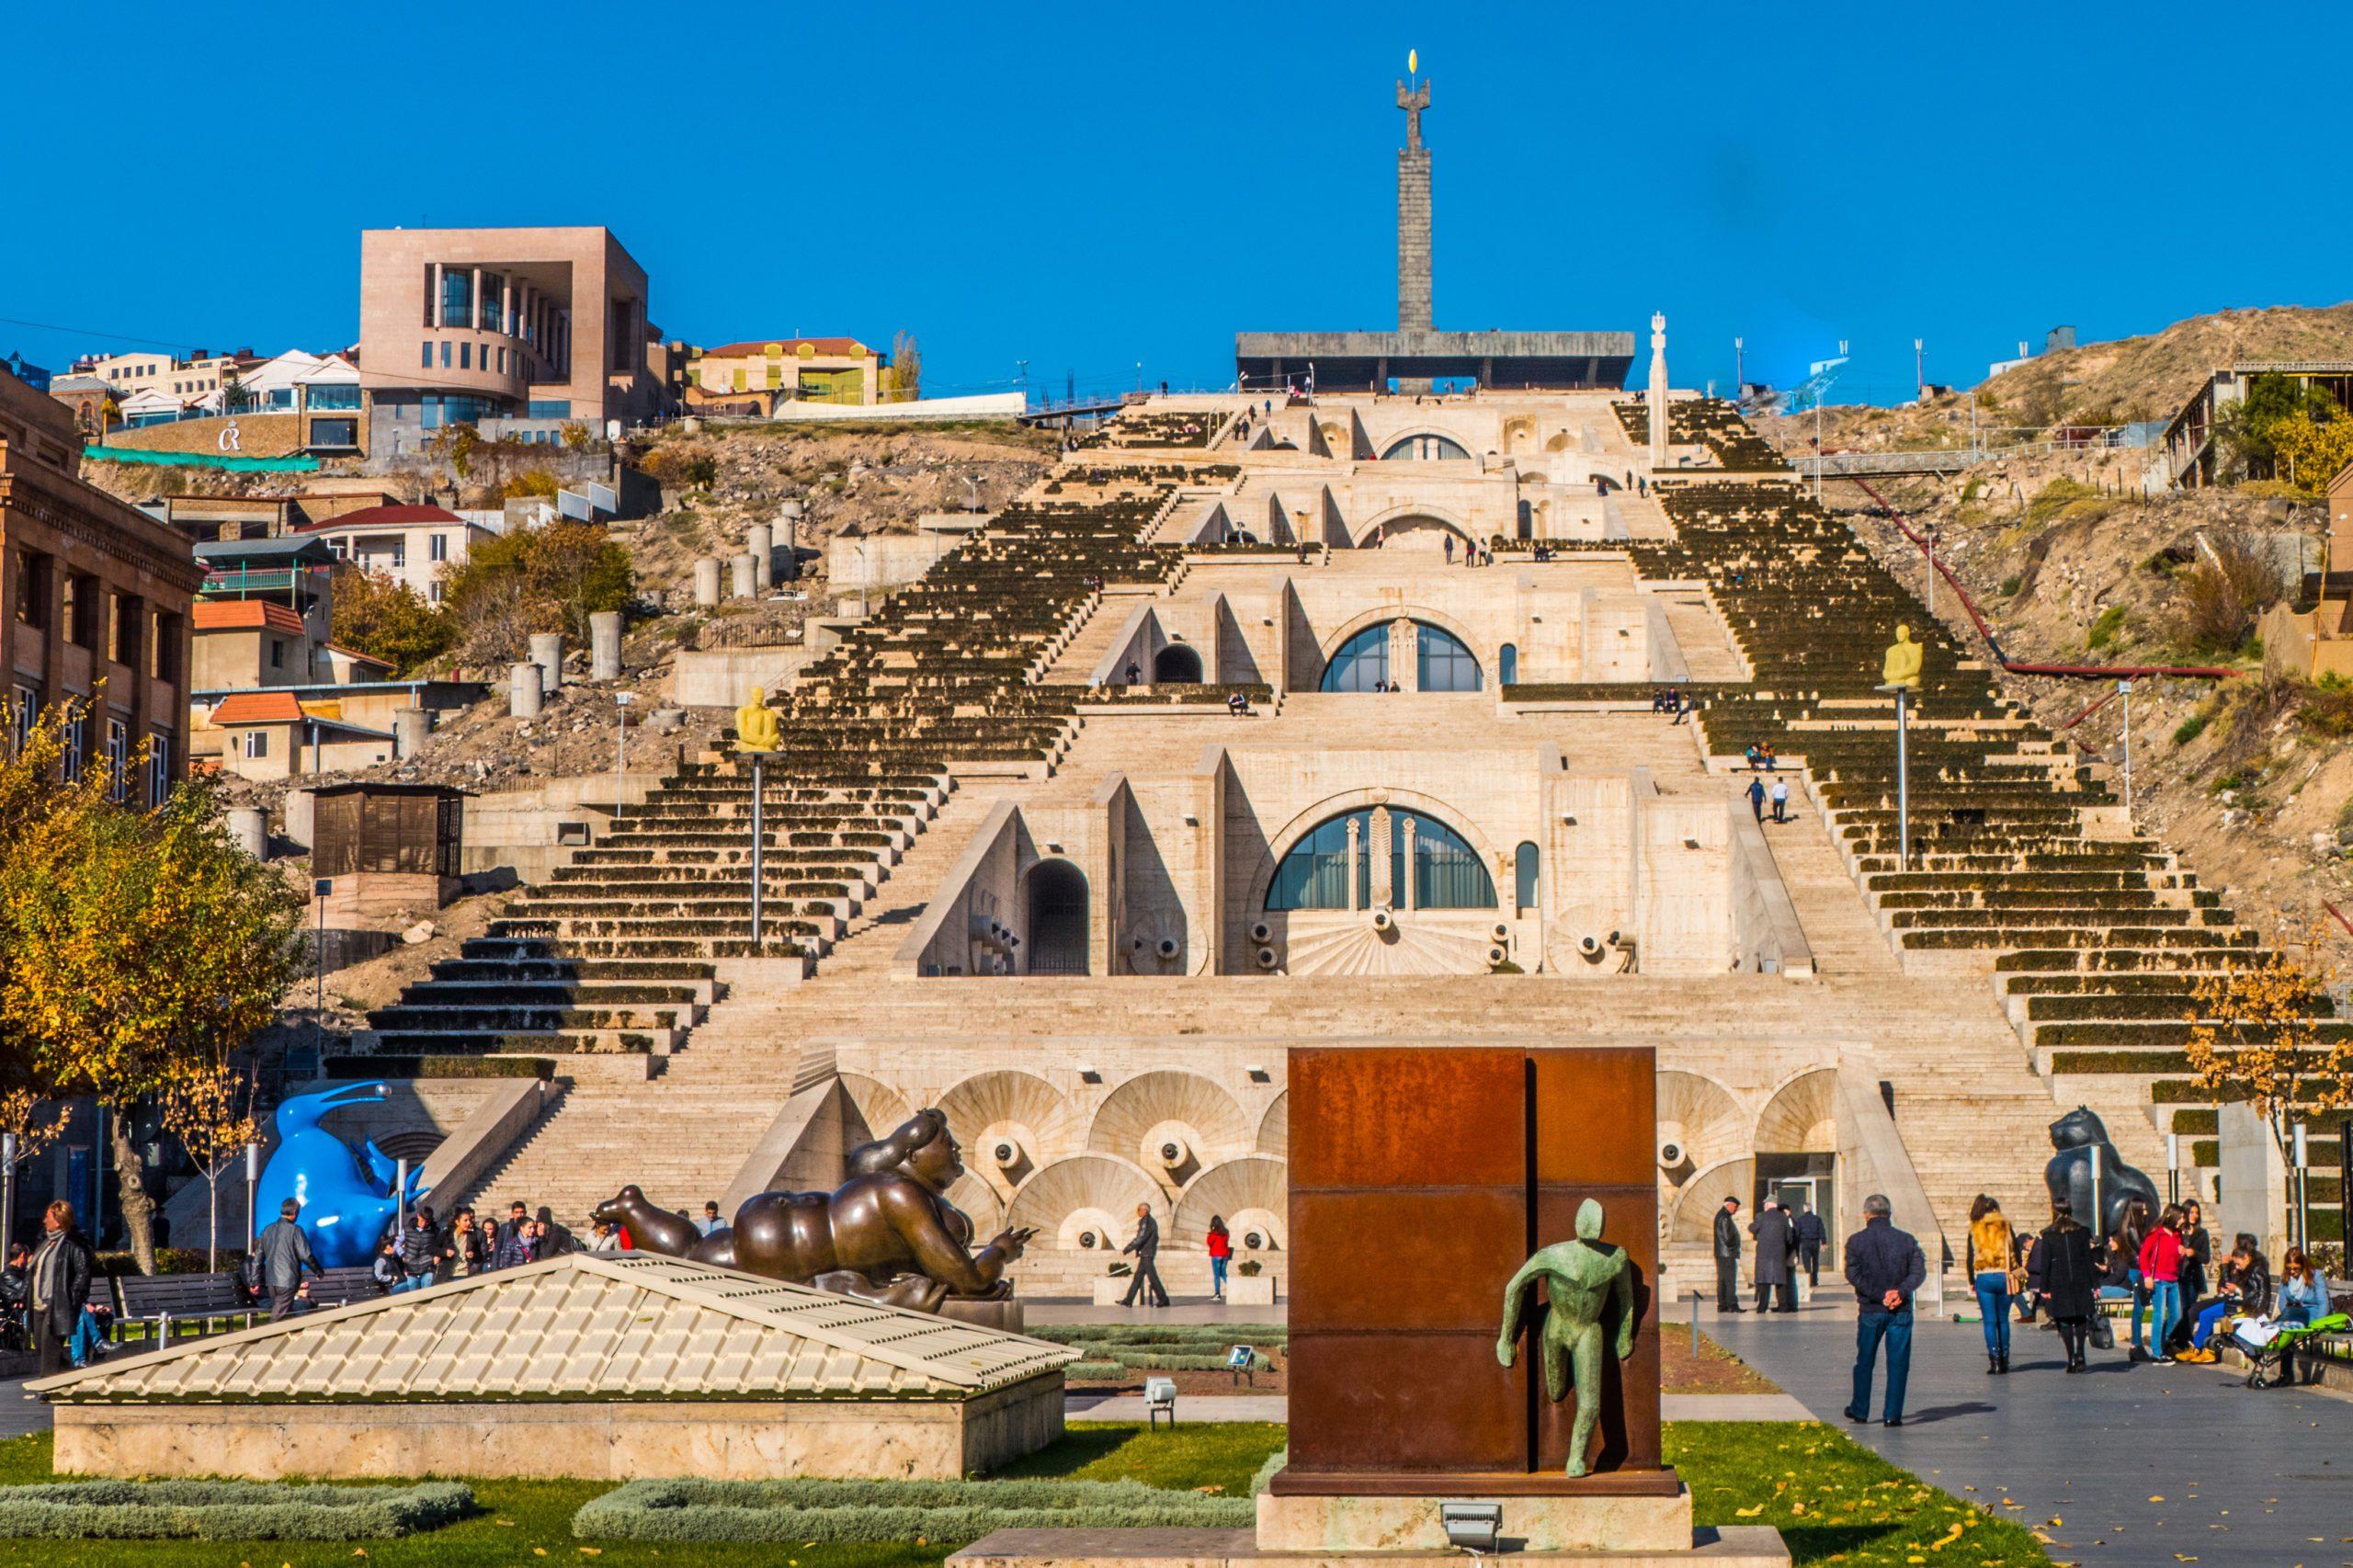 LLI in Armenia